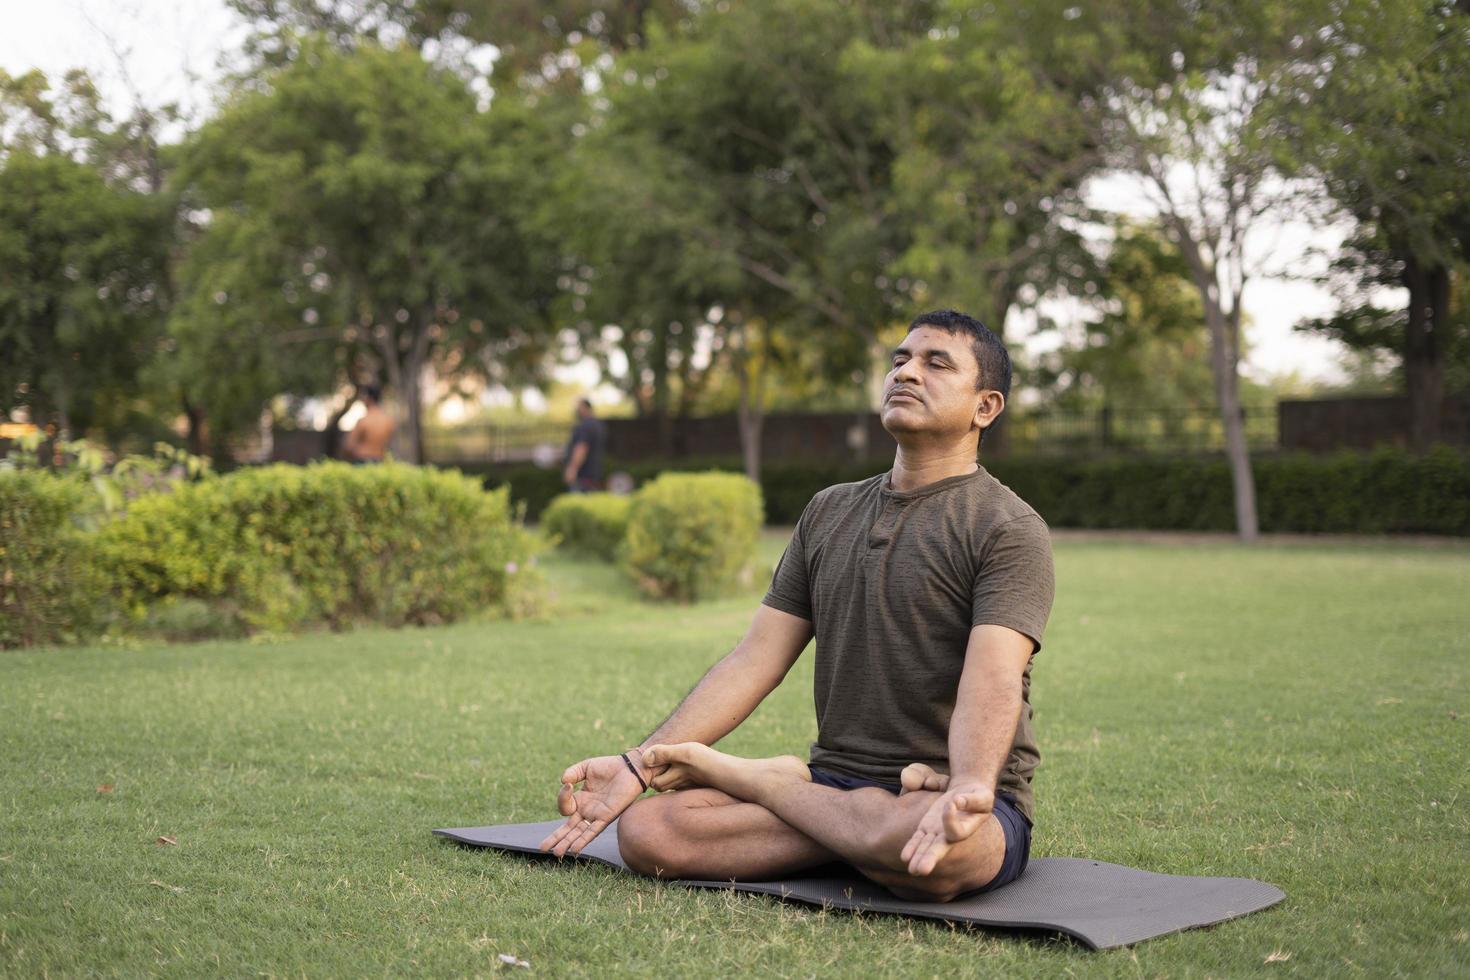 homme faisant du yoga photo